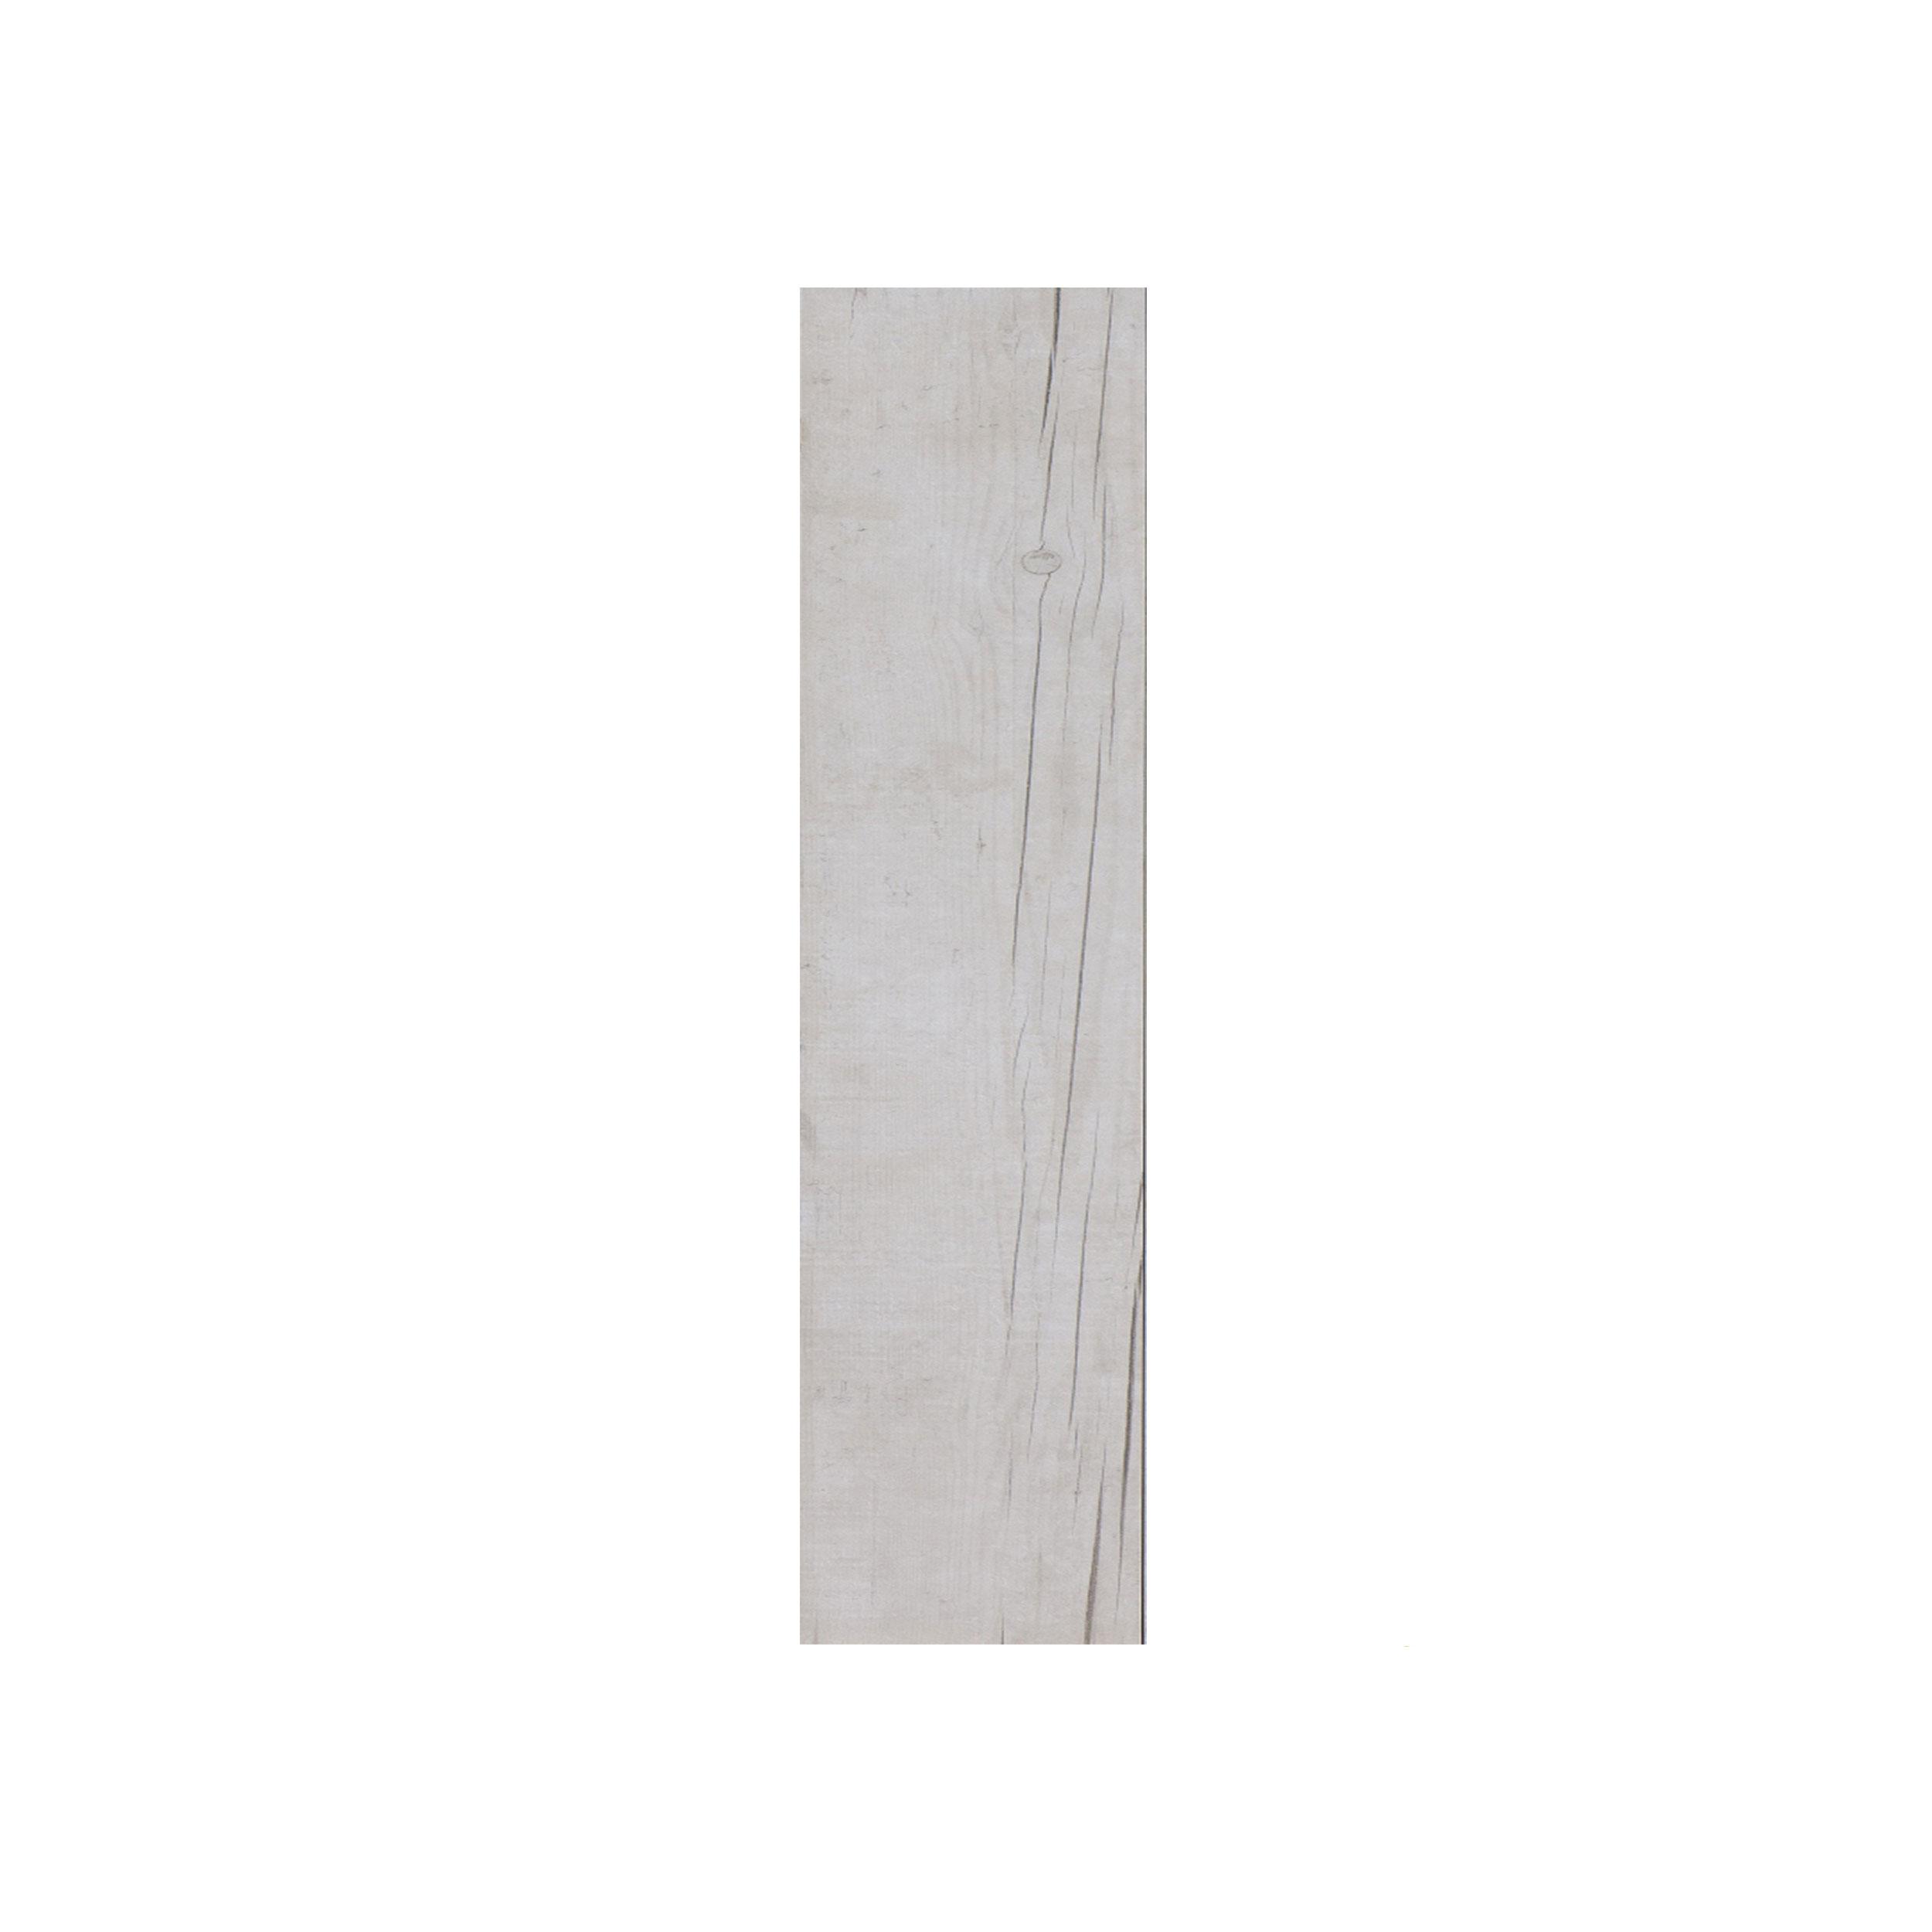 COTTO กระเบื้องปูพื้นและผนัง (คอตโต้) 6x36 นิ้ว (15x90ซม.) GT737573